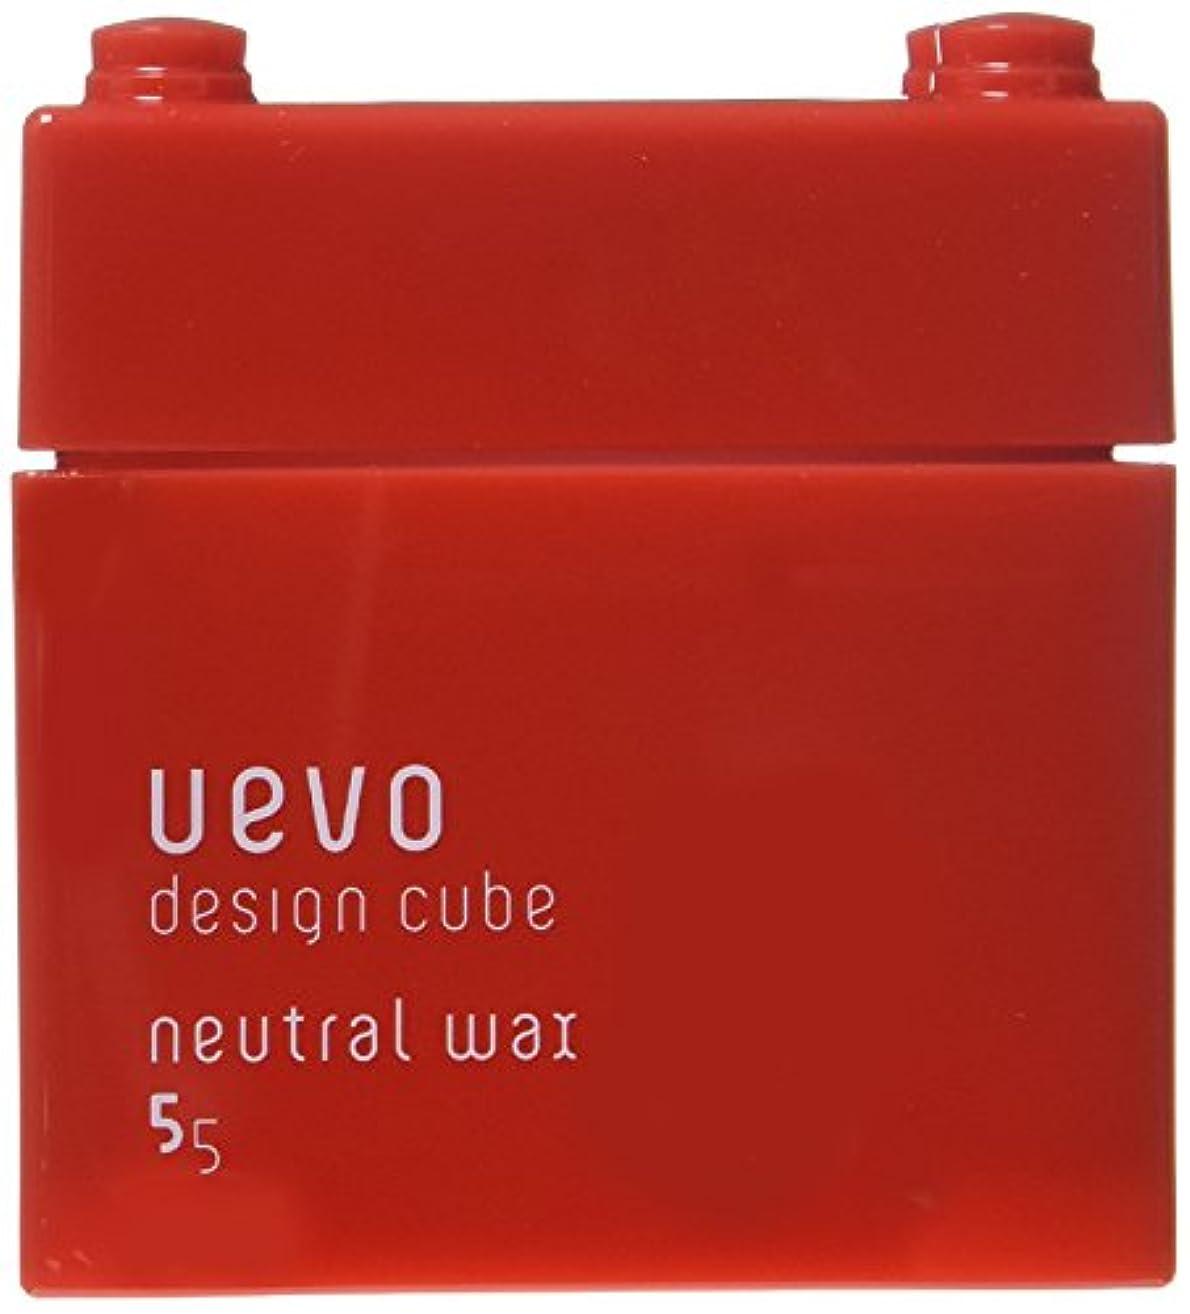 プラスチックラッチサイドボードウェーボ デザインキューブ ニュートラルワックス 80g